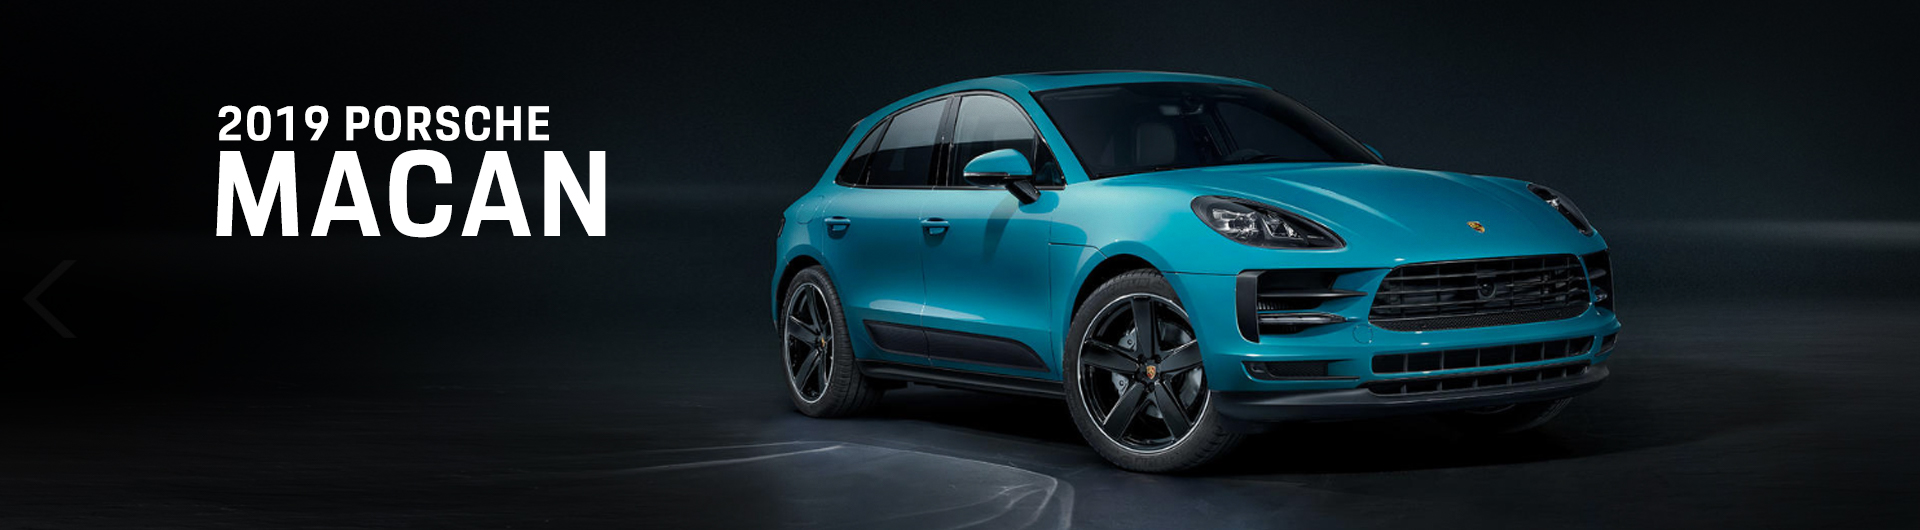 2019 Porsche Macan Jackie Cooper Imports